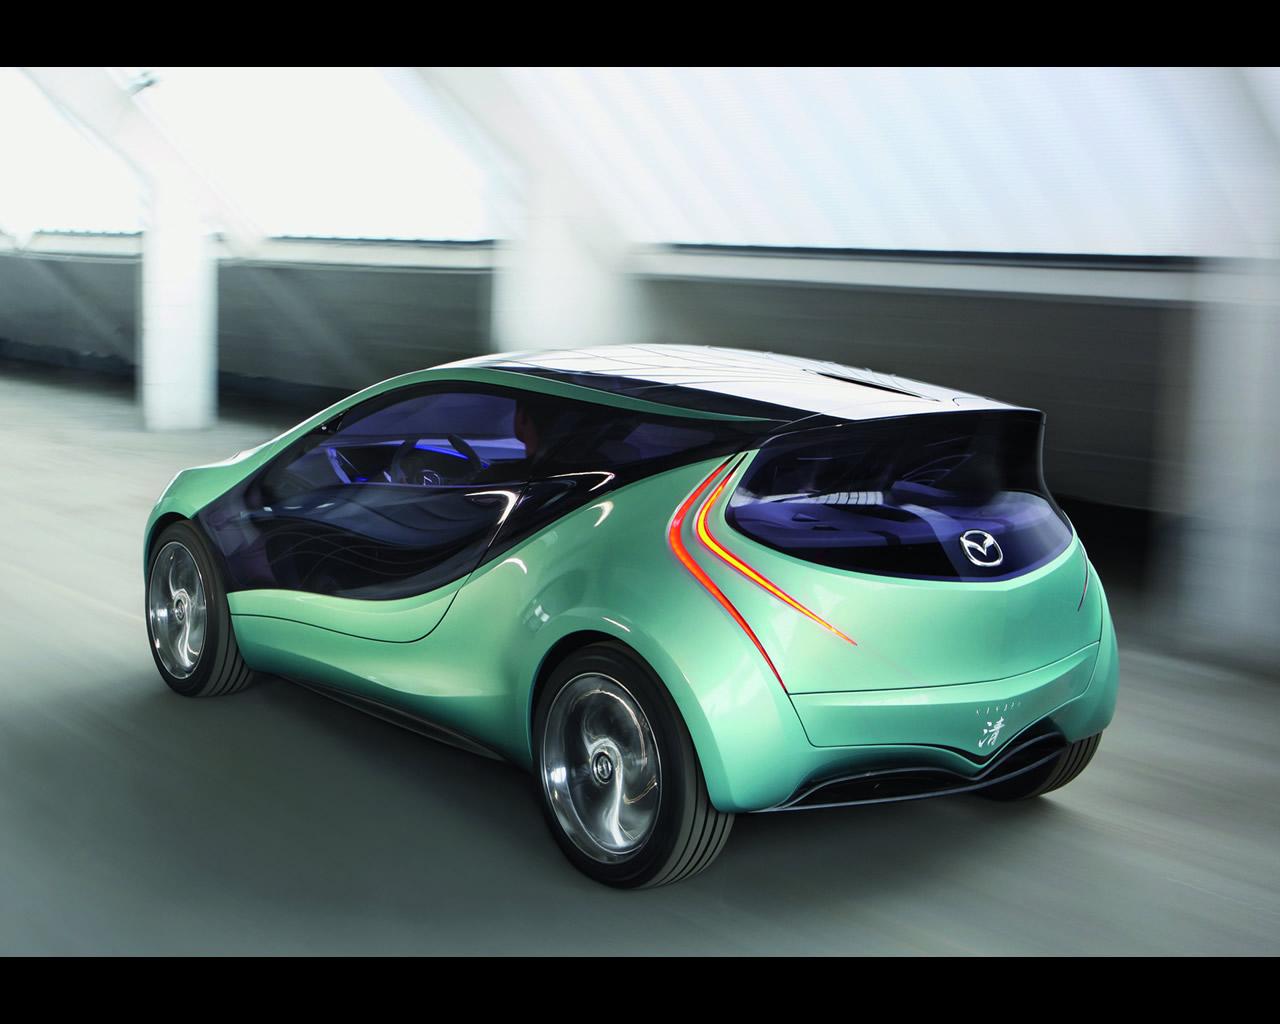 http://autoconcept-reviews.com/cars_reviews/mazda/mazda-kiyora-concept-2008/wallpaper/Mazda_Kiyora_action2.jpg